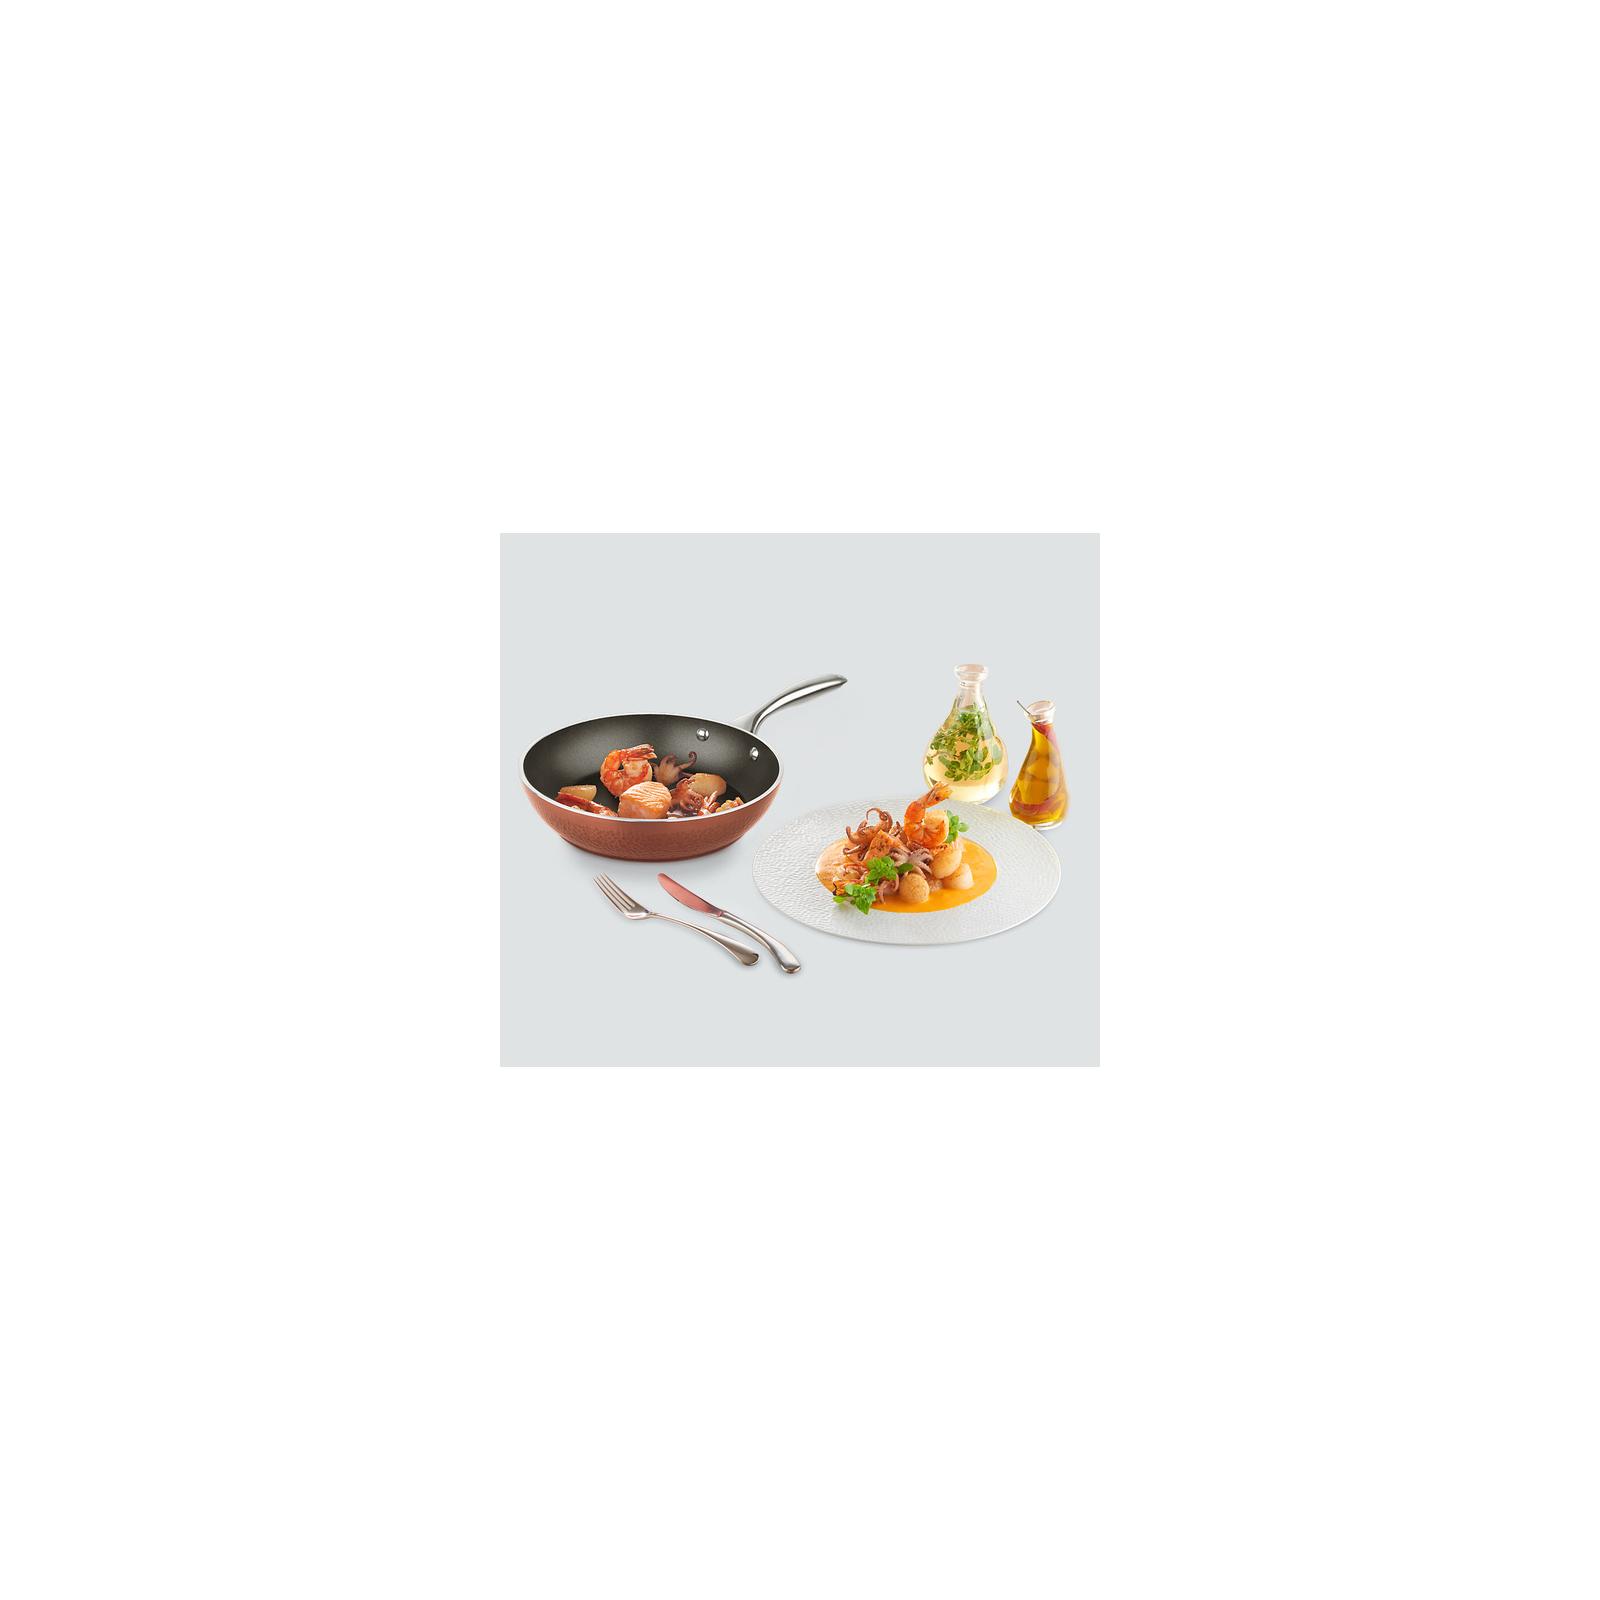 Сковорода Rondell Jersey 24 см (RDA-864) изображение 3